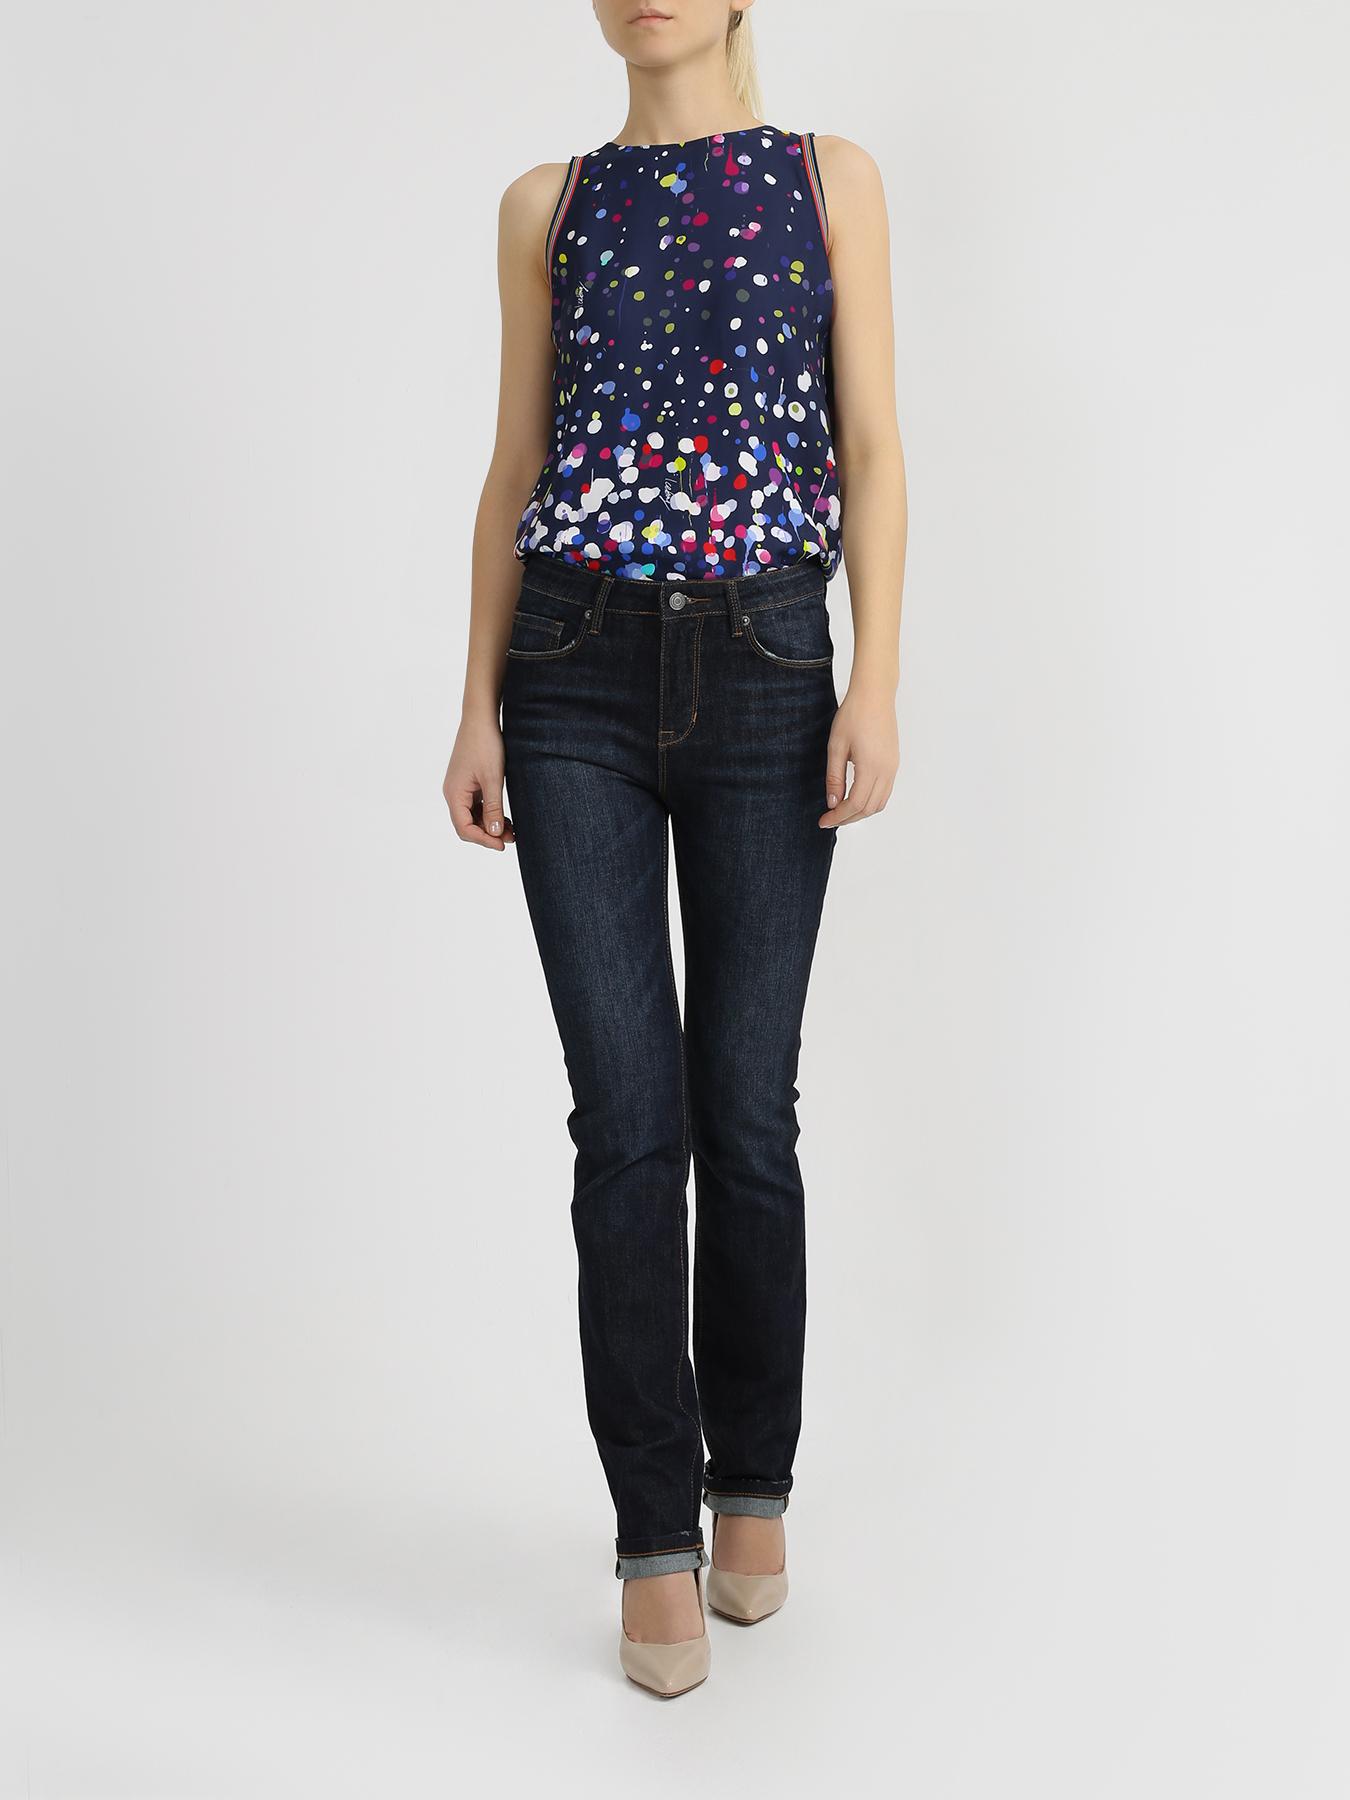 Брюки Alessandro Manzoni Женские узкие джинсы